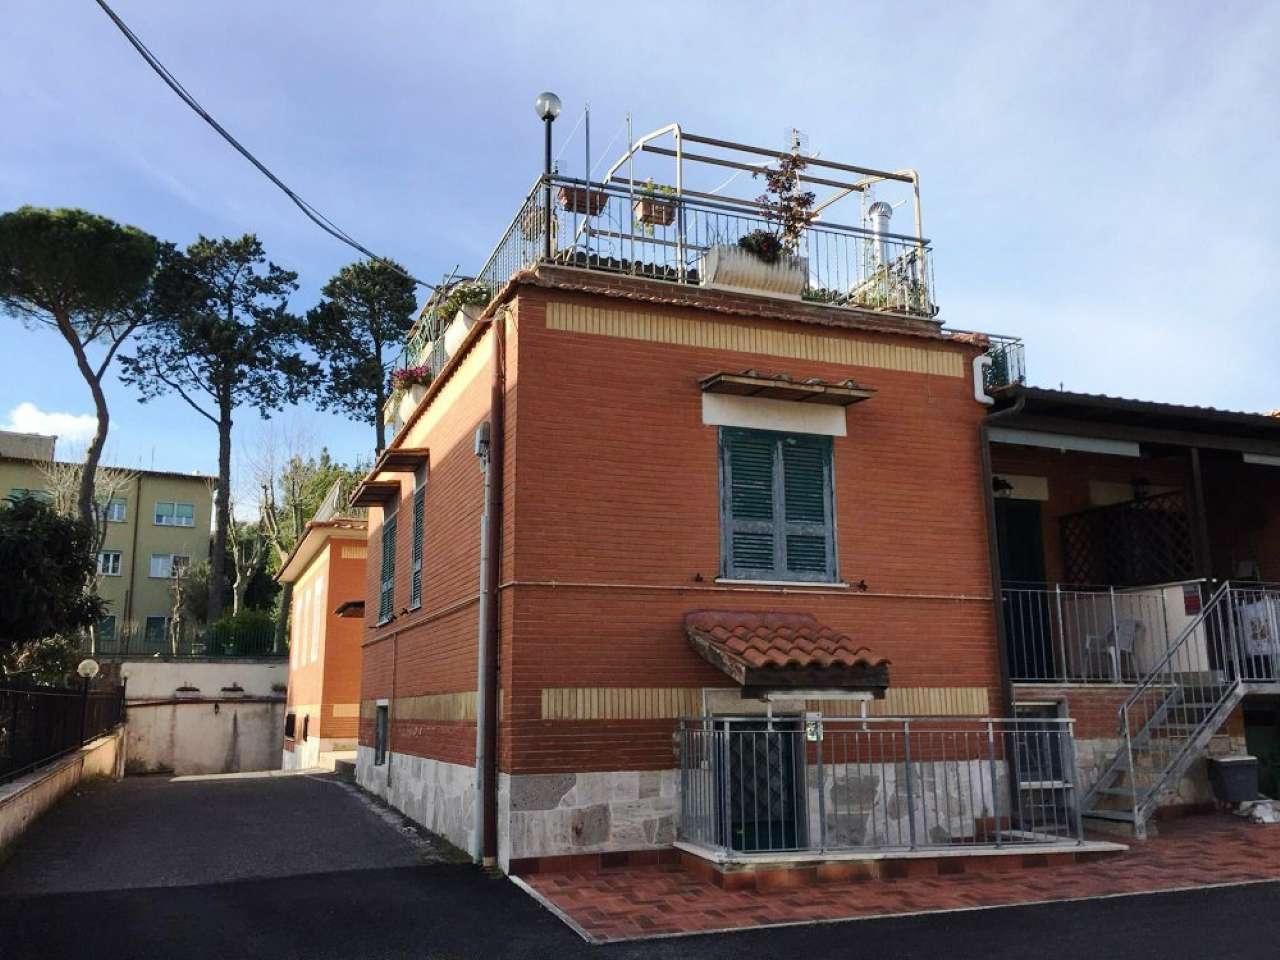 Appartamento in vendita a Roma, 3 locali, zona Zona: 28 . Torrevecchia - Pineta Sacchetti - Ottavia, prezzo € 225.000   CambioCasa.it